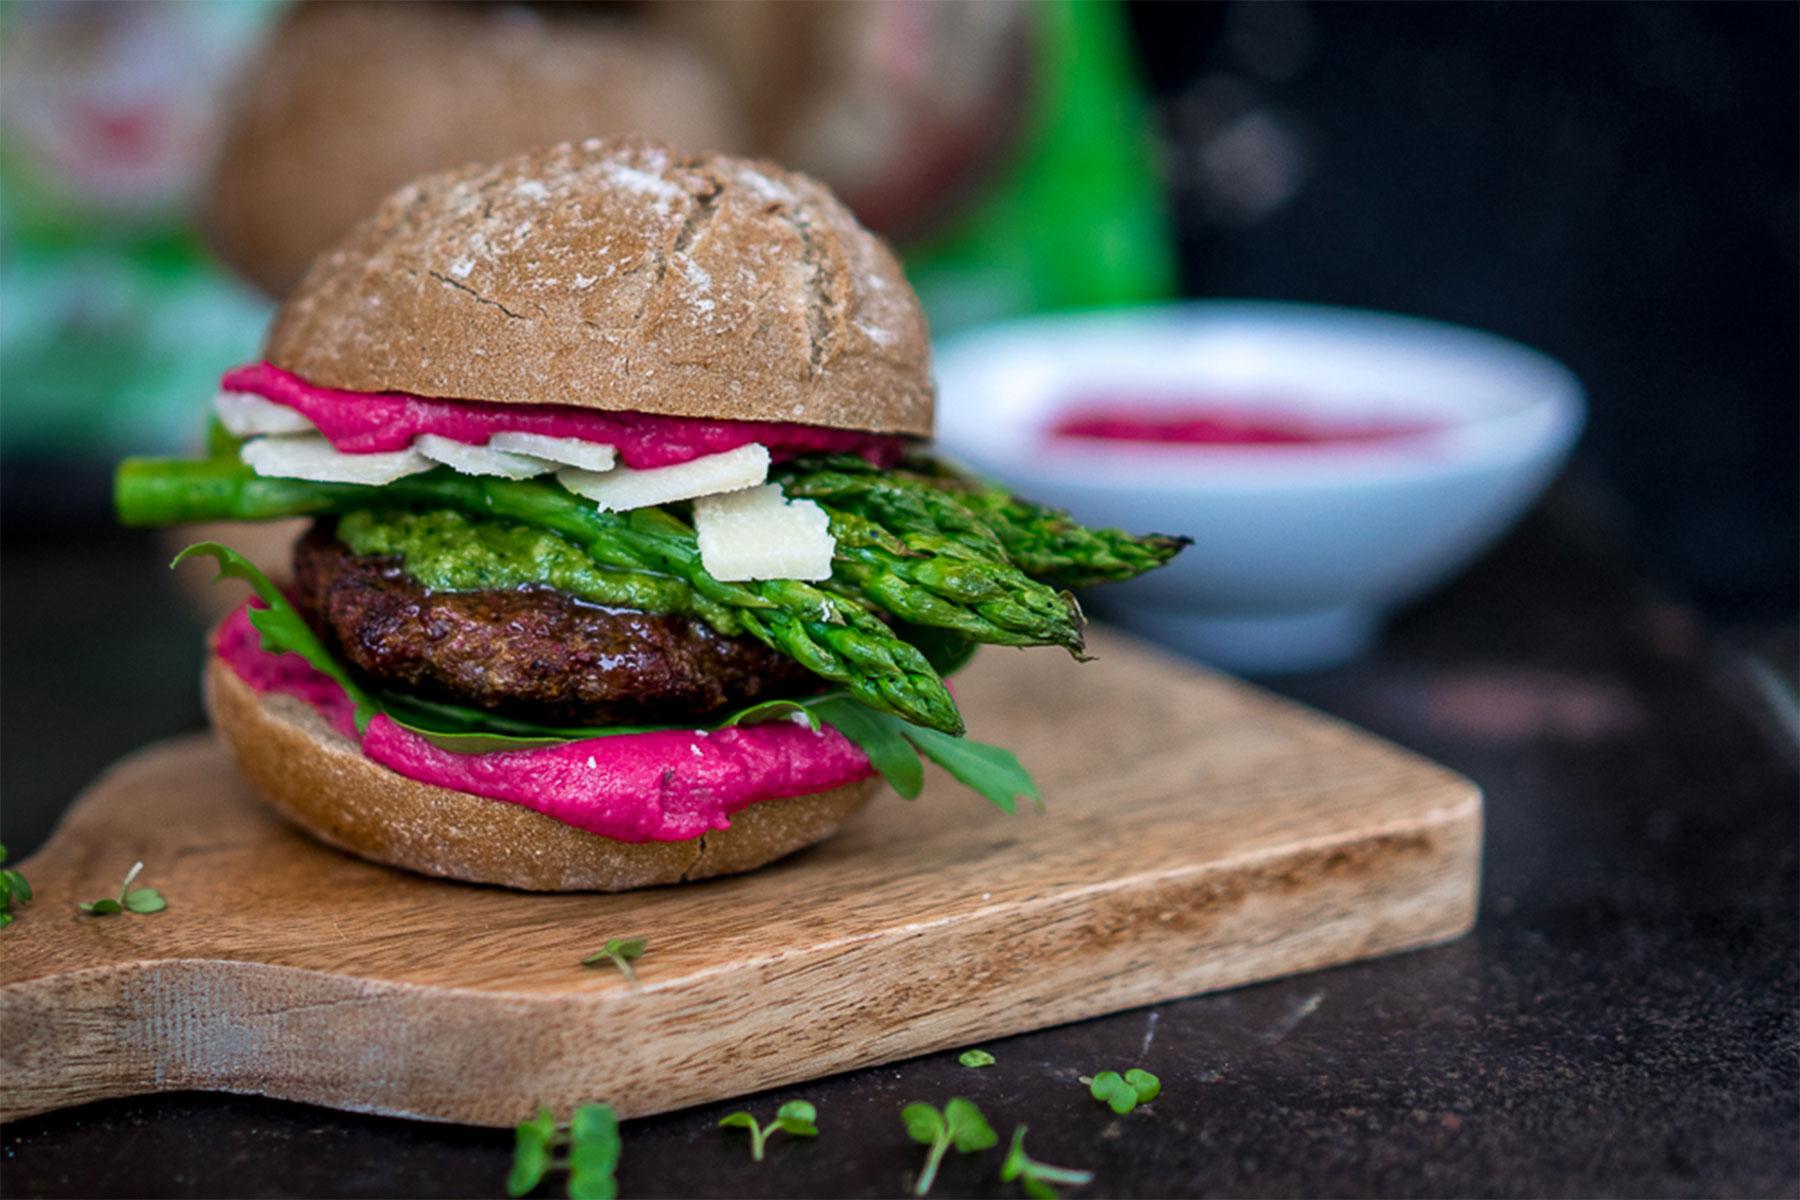 Galloway Burger Rezept und Anleitung zum selber zubereiten